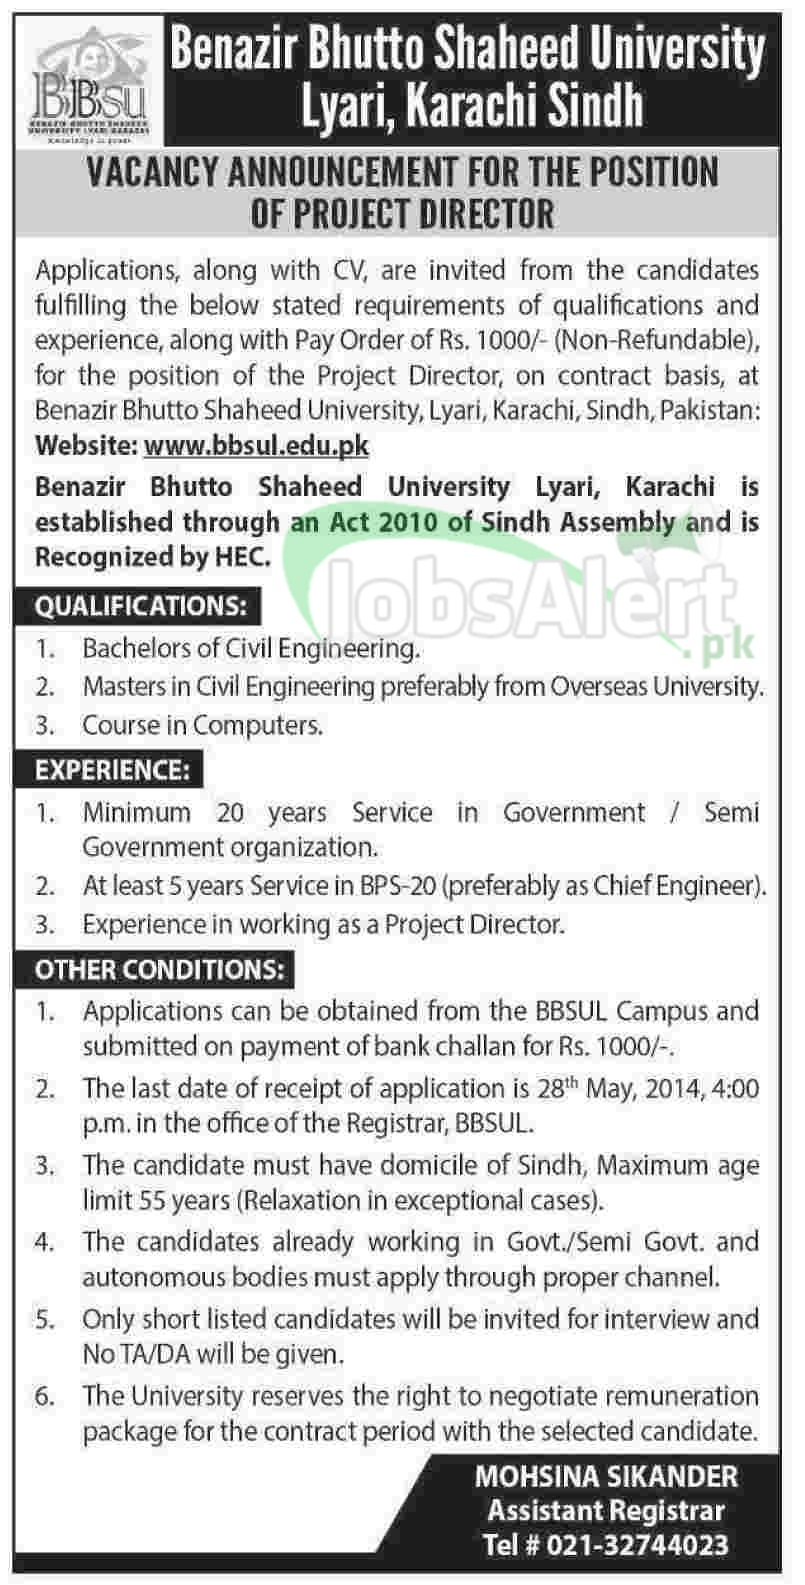 Benazir Bhutto Shaheed University Lyari Karachi